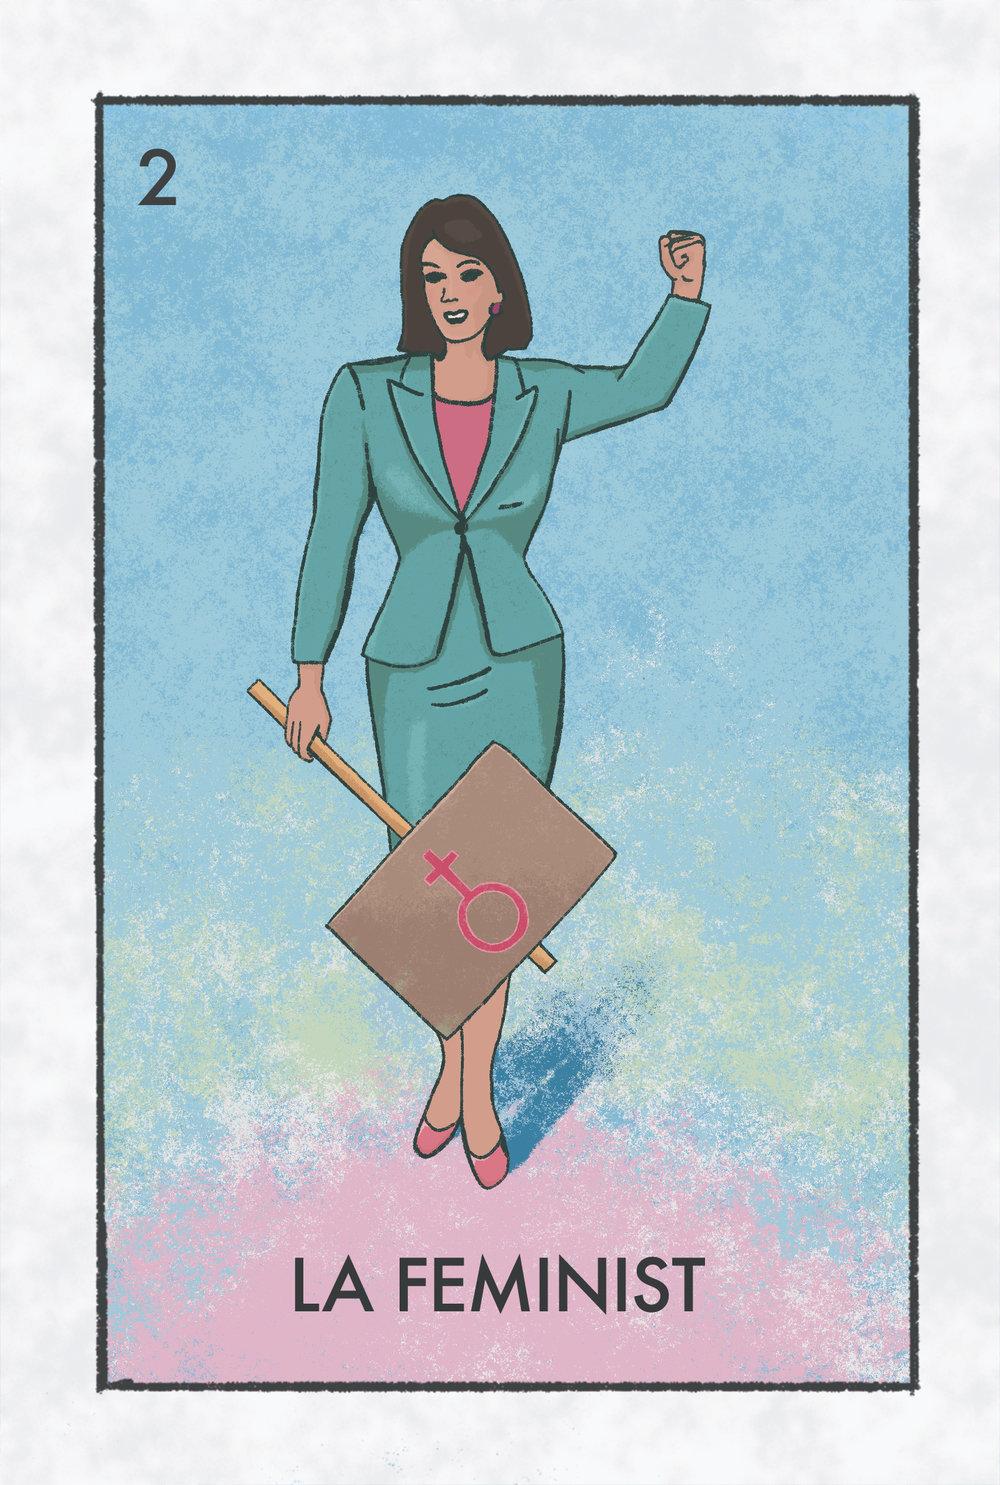 2 La Feminist.jpg